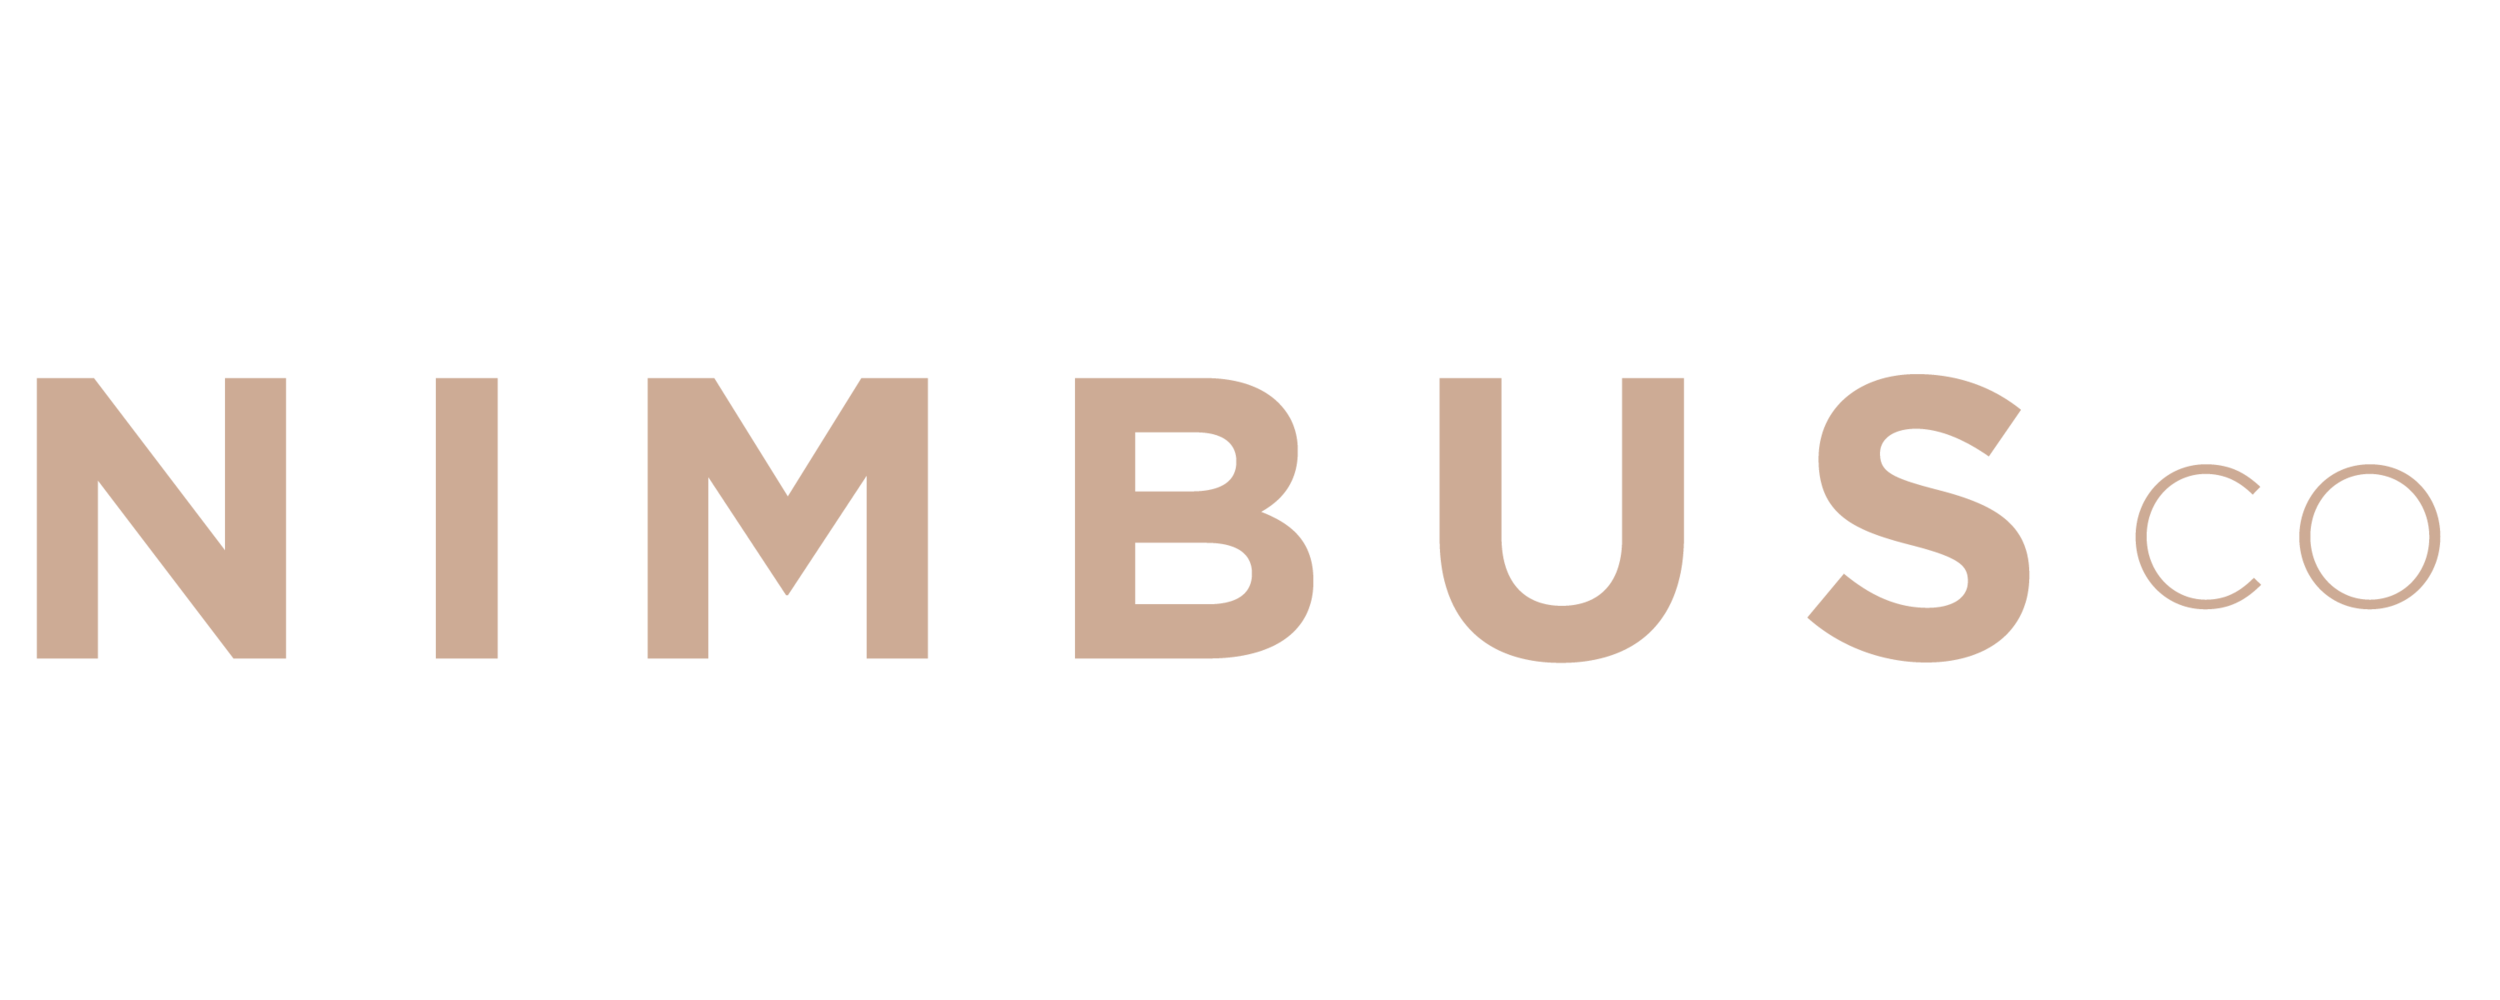 NimbusCo.png